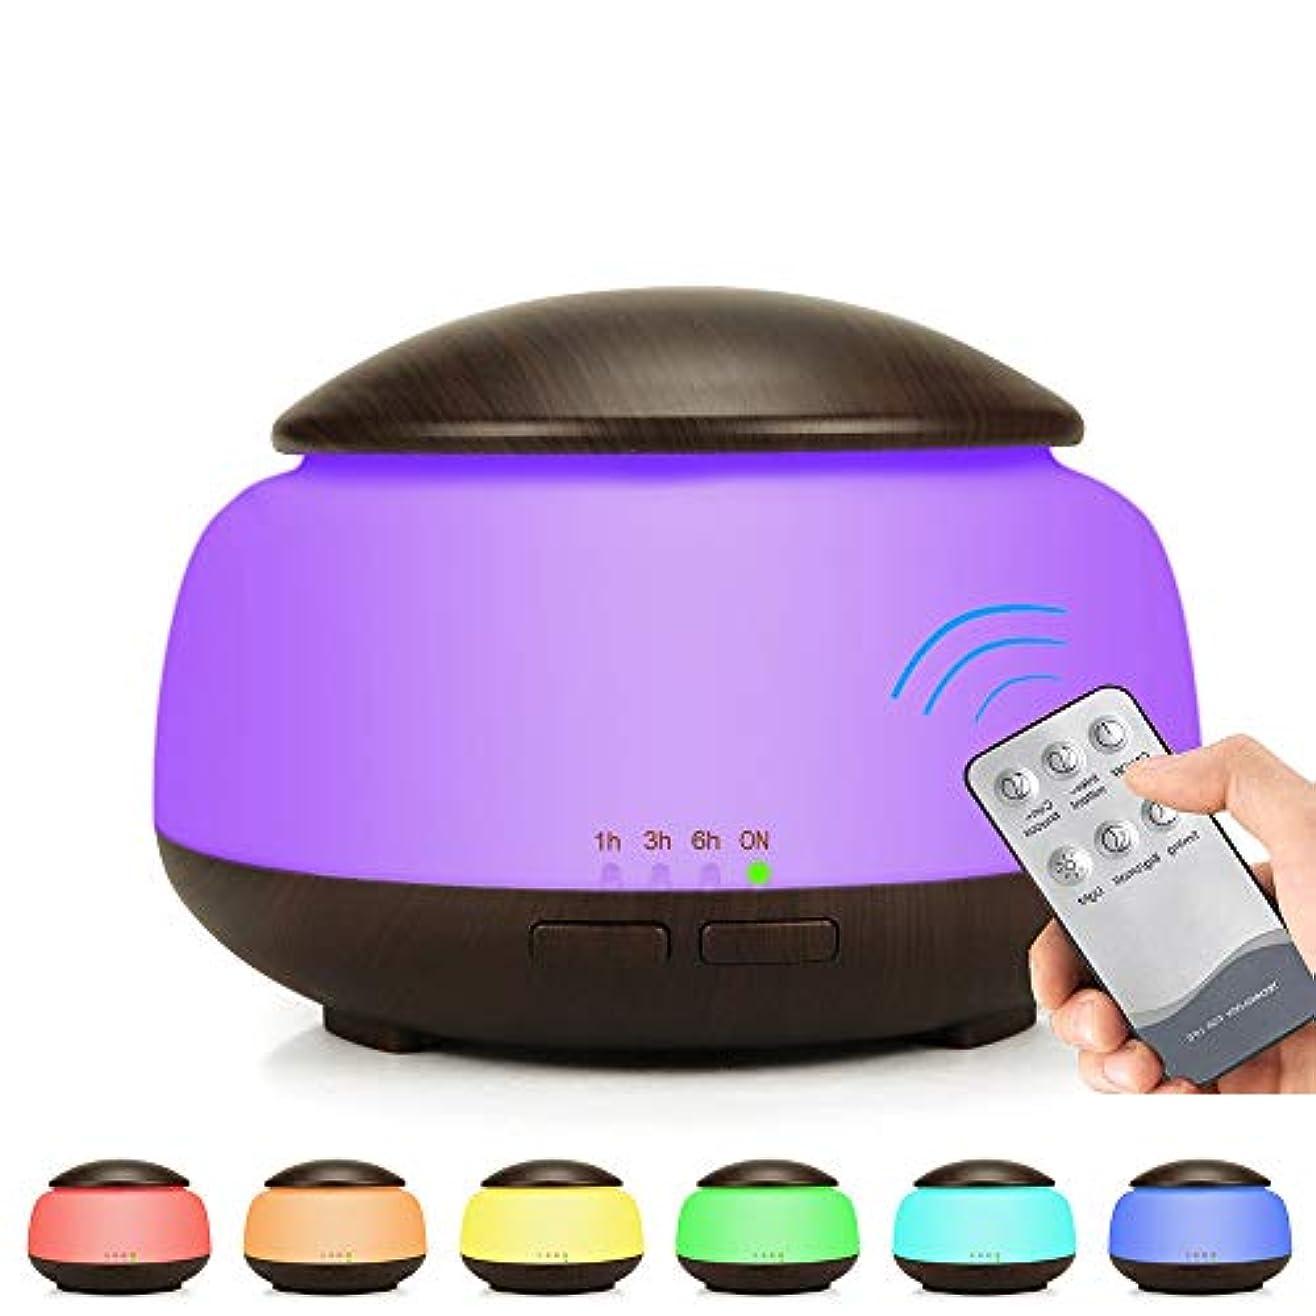 無実接触移住するエッセンシャルオイルディフューザーアロマディフューザー300 mlアロマ加湿器、7色LEDライト、ホームオフィス用ウォーターレス自動シャットオフ,UKplug